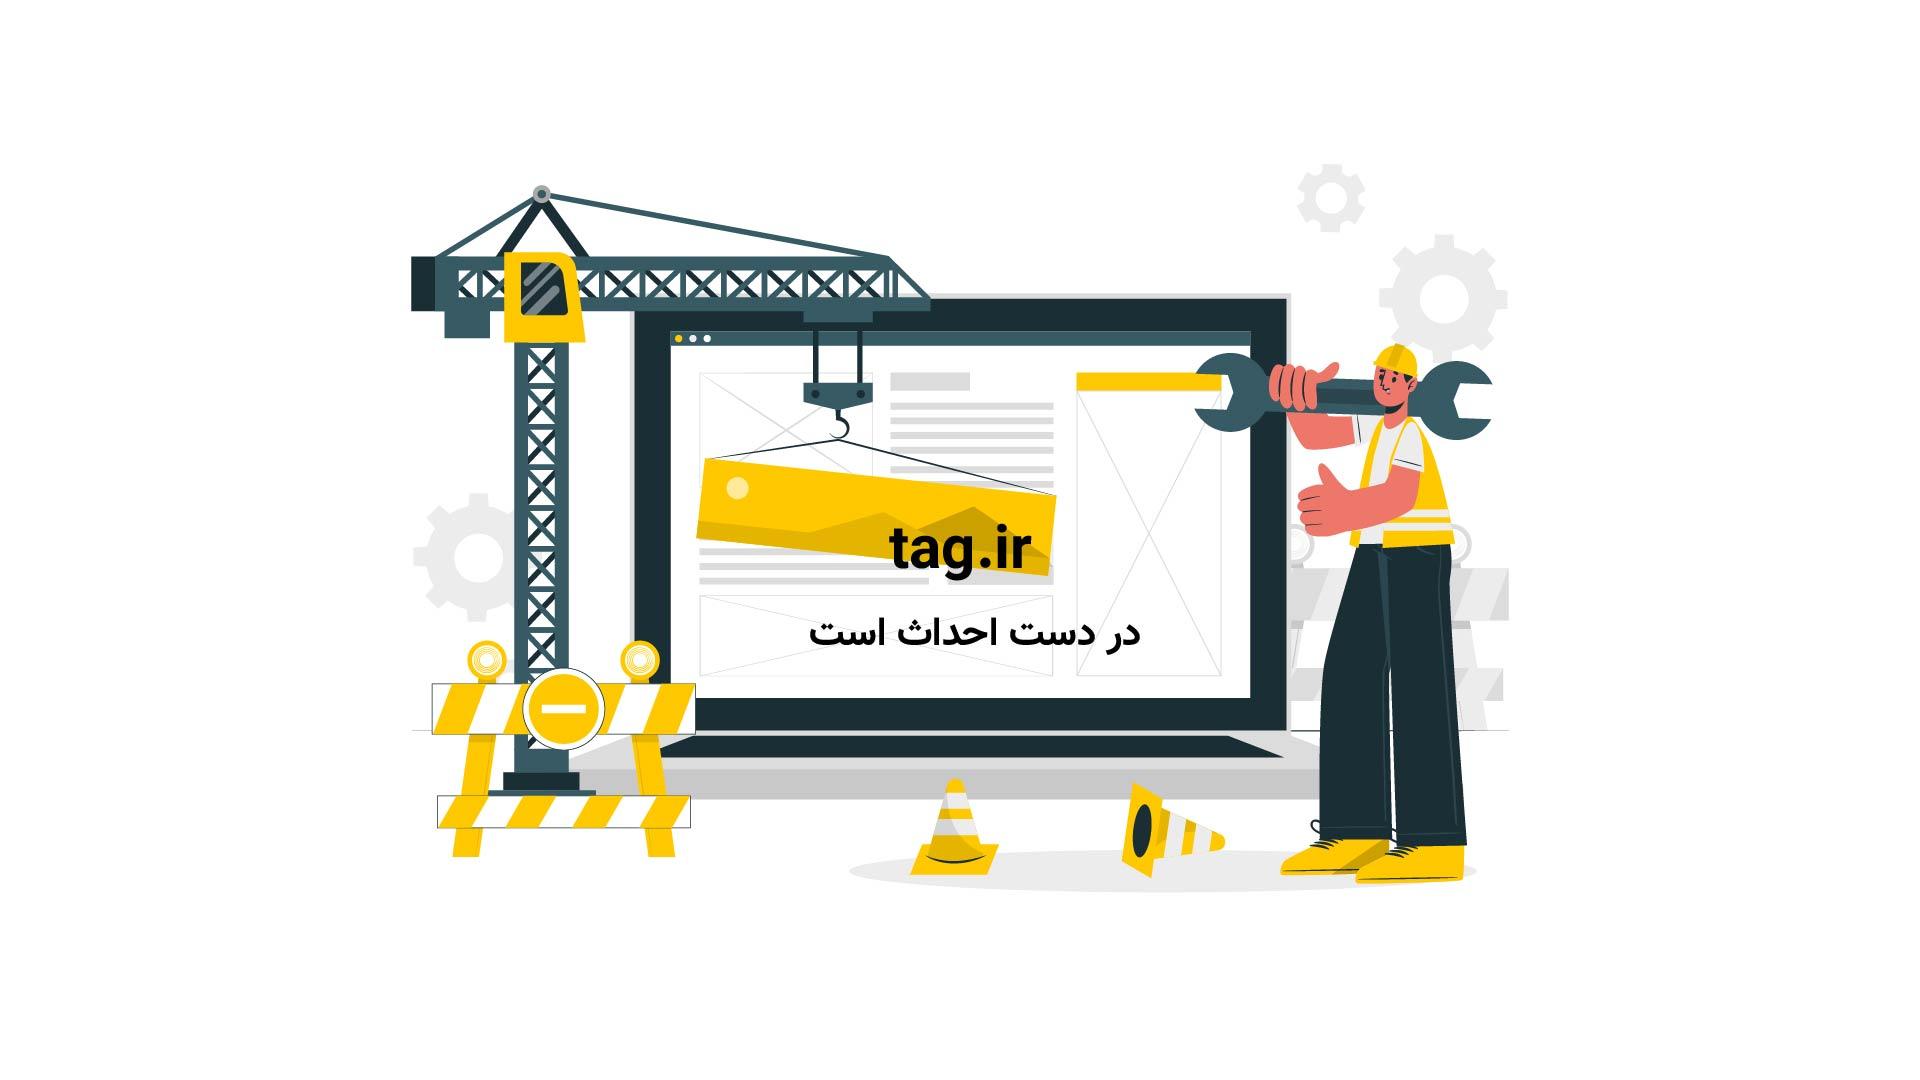 بازی اکشن بی عدالتی ۲ | تگ